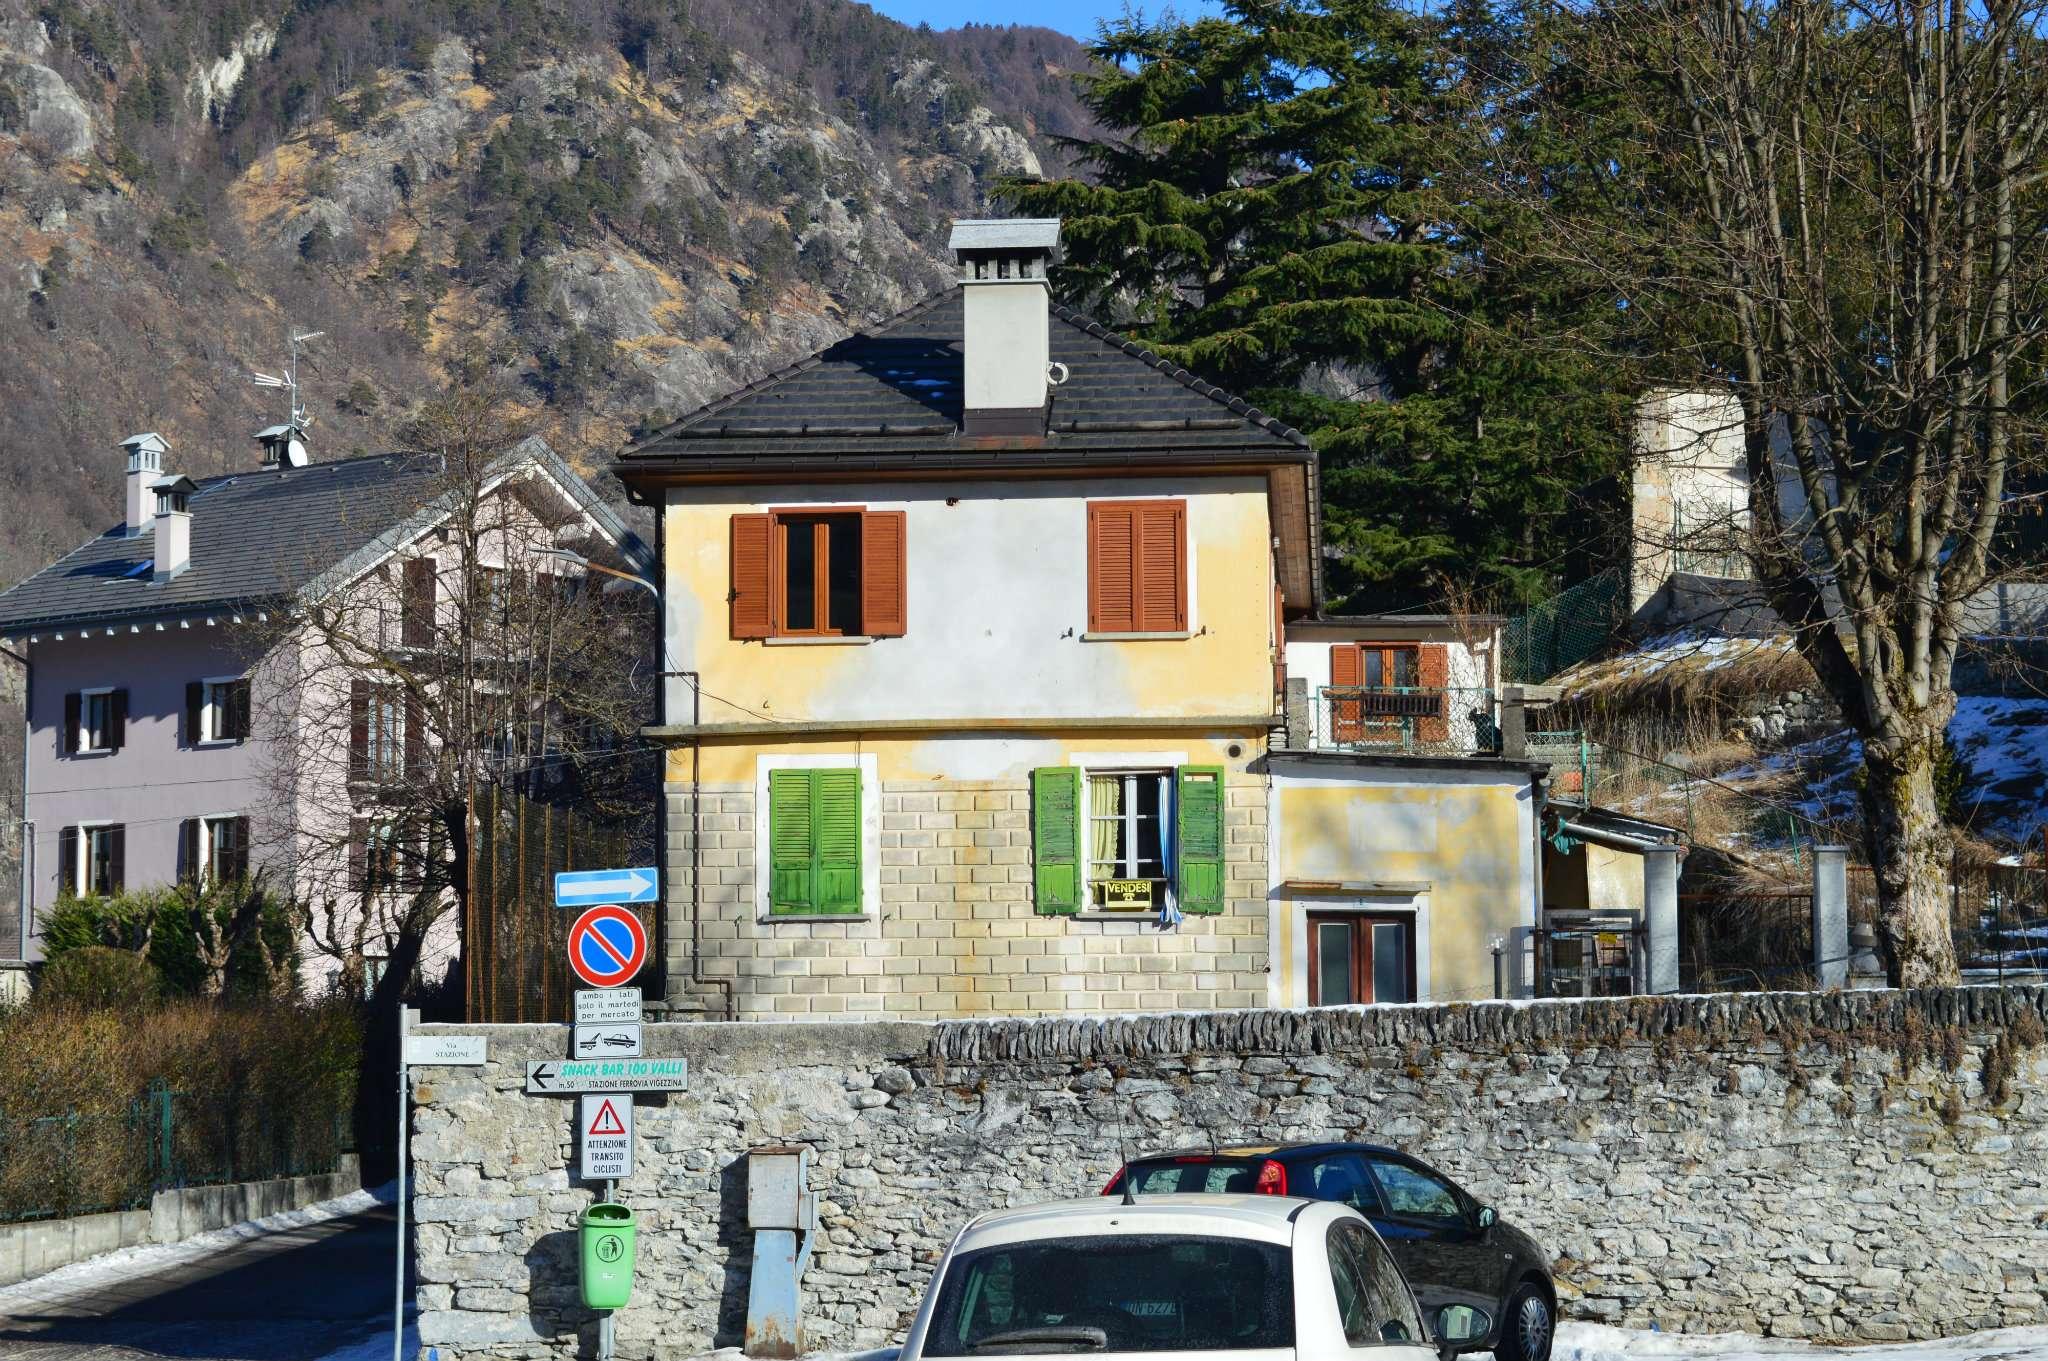 Soluzione Indipendente in vendita a Malesco, 9 locali, prezzo € 350.000 | Cambio Casa.it